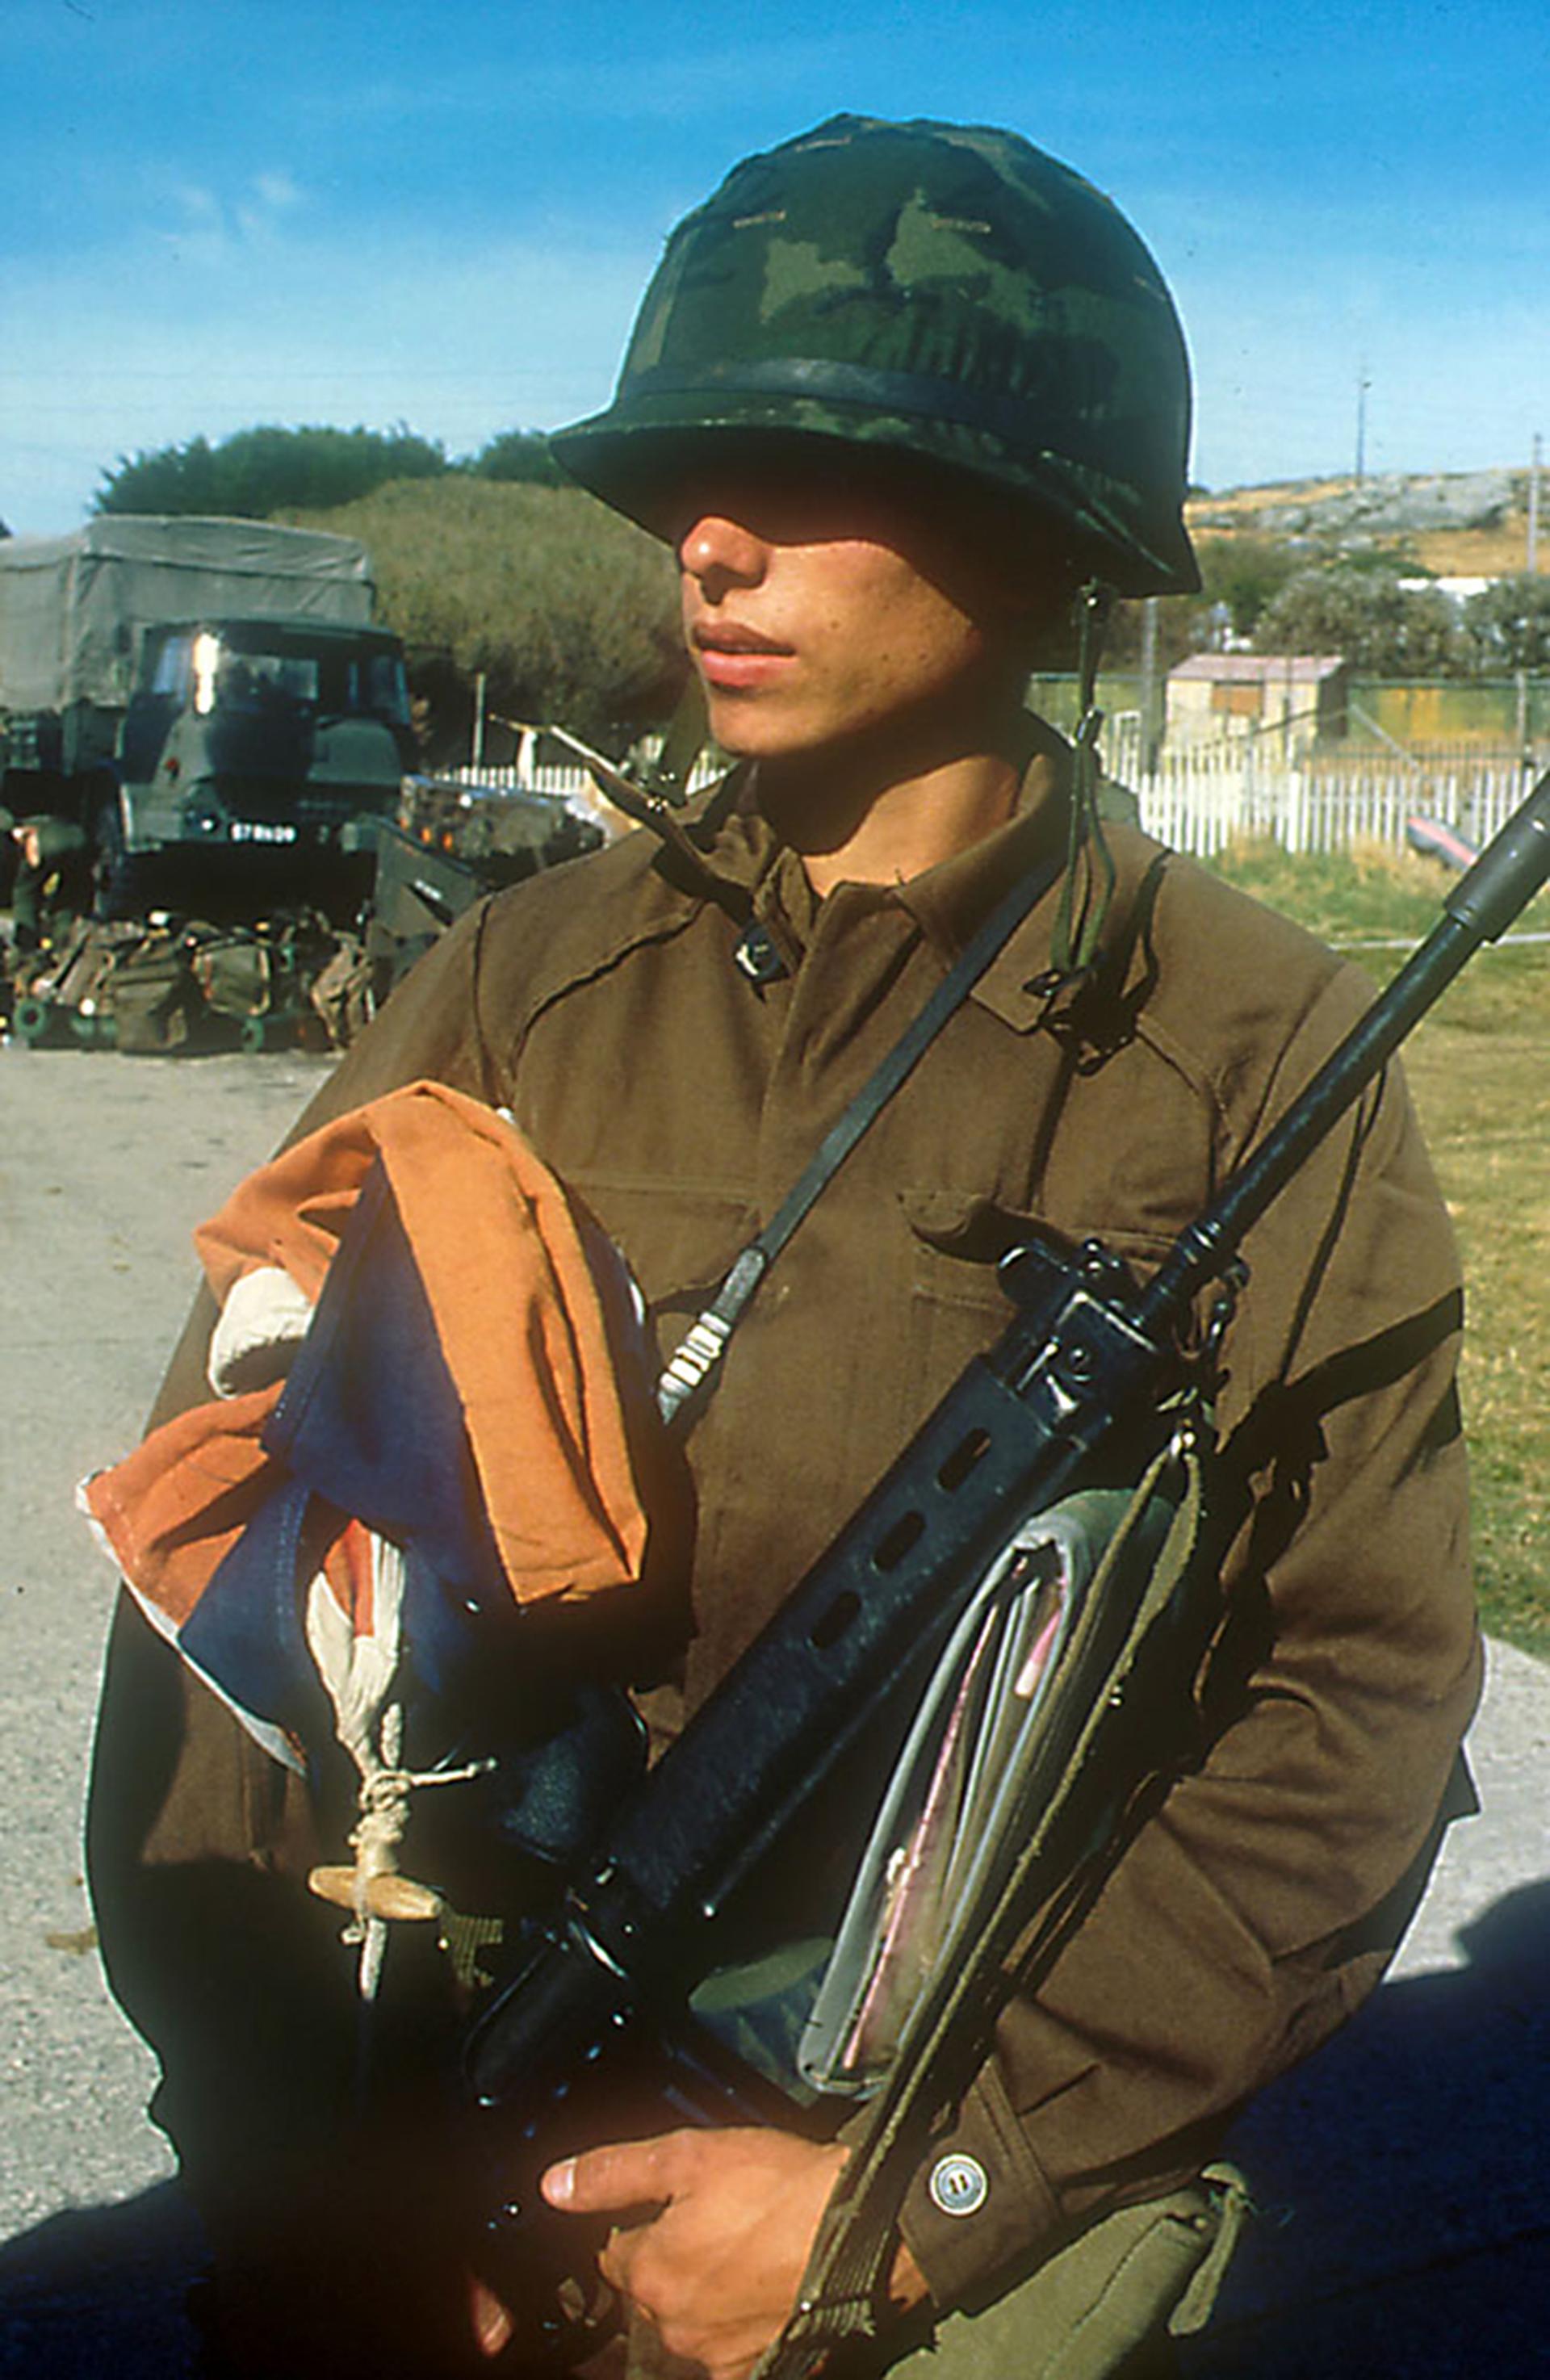 El comandante Büsser da la orden de quitar del mástil de la casa del gobernador Hunt la bandera del Reino Unido, que es custodiada como trofeo de guerra por un soldado argentino